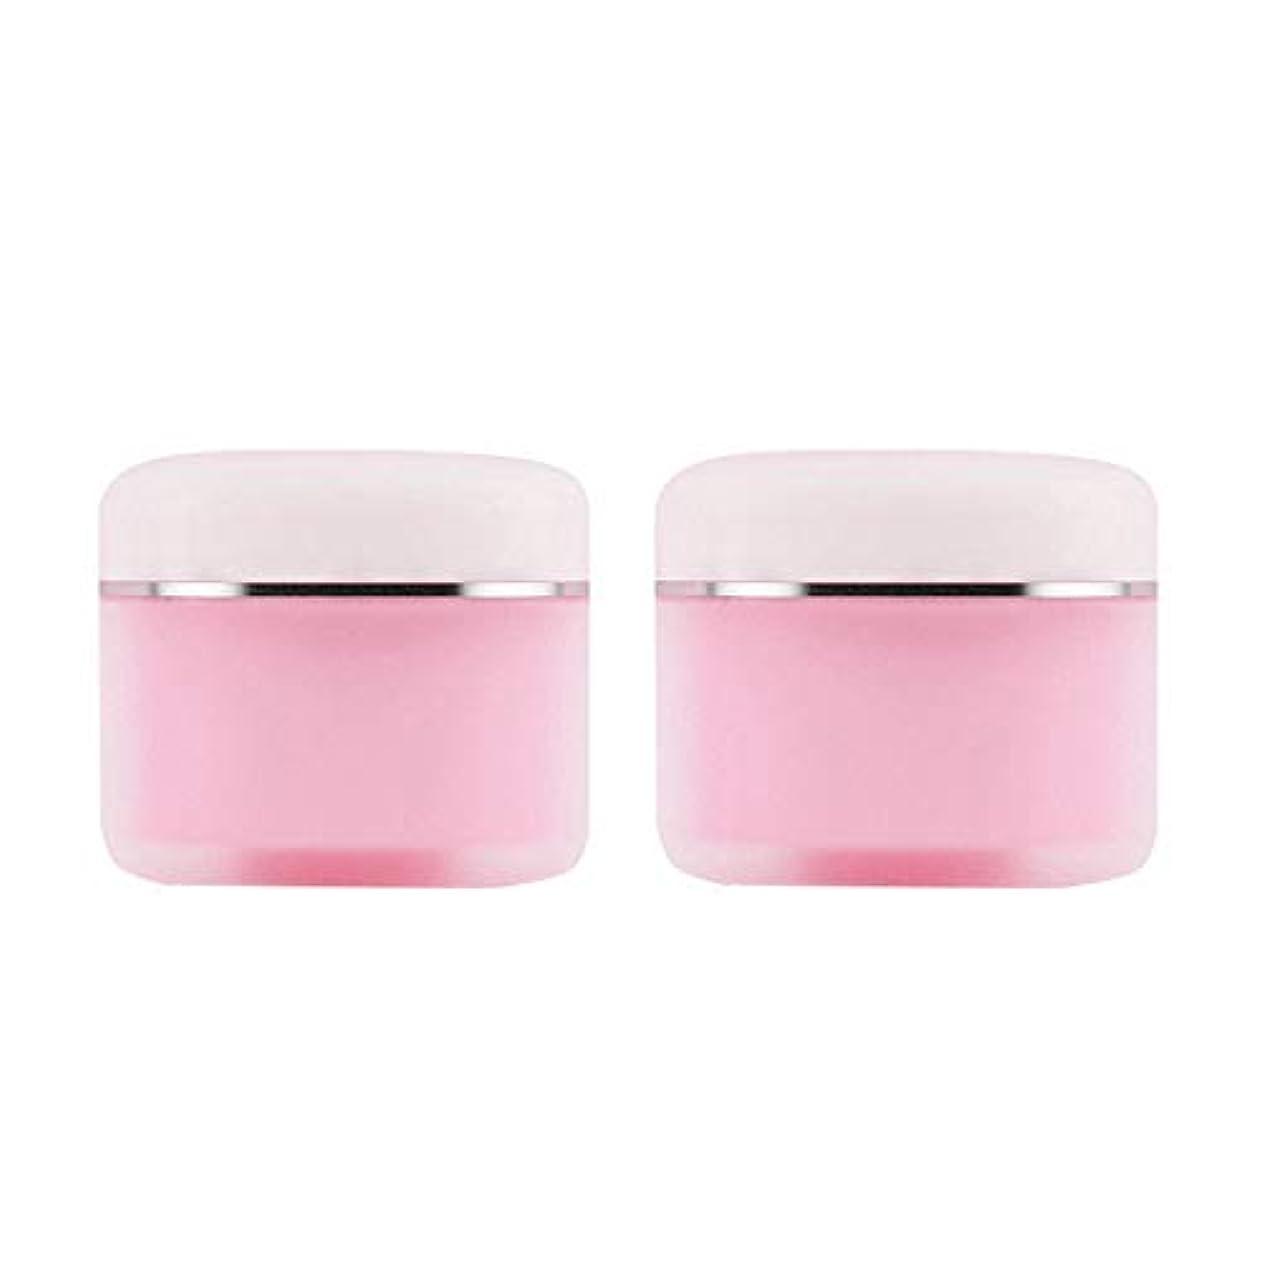 討論広げる遡る入りクリームケース化粧品 詰め替え容器 小分け容器 メイクアップジャー 携帯用 収納 旅行用品(ピンク) (2個100g)